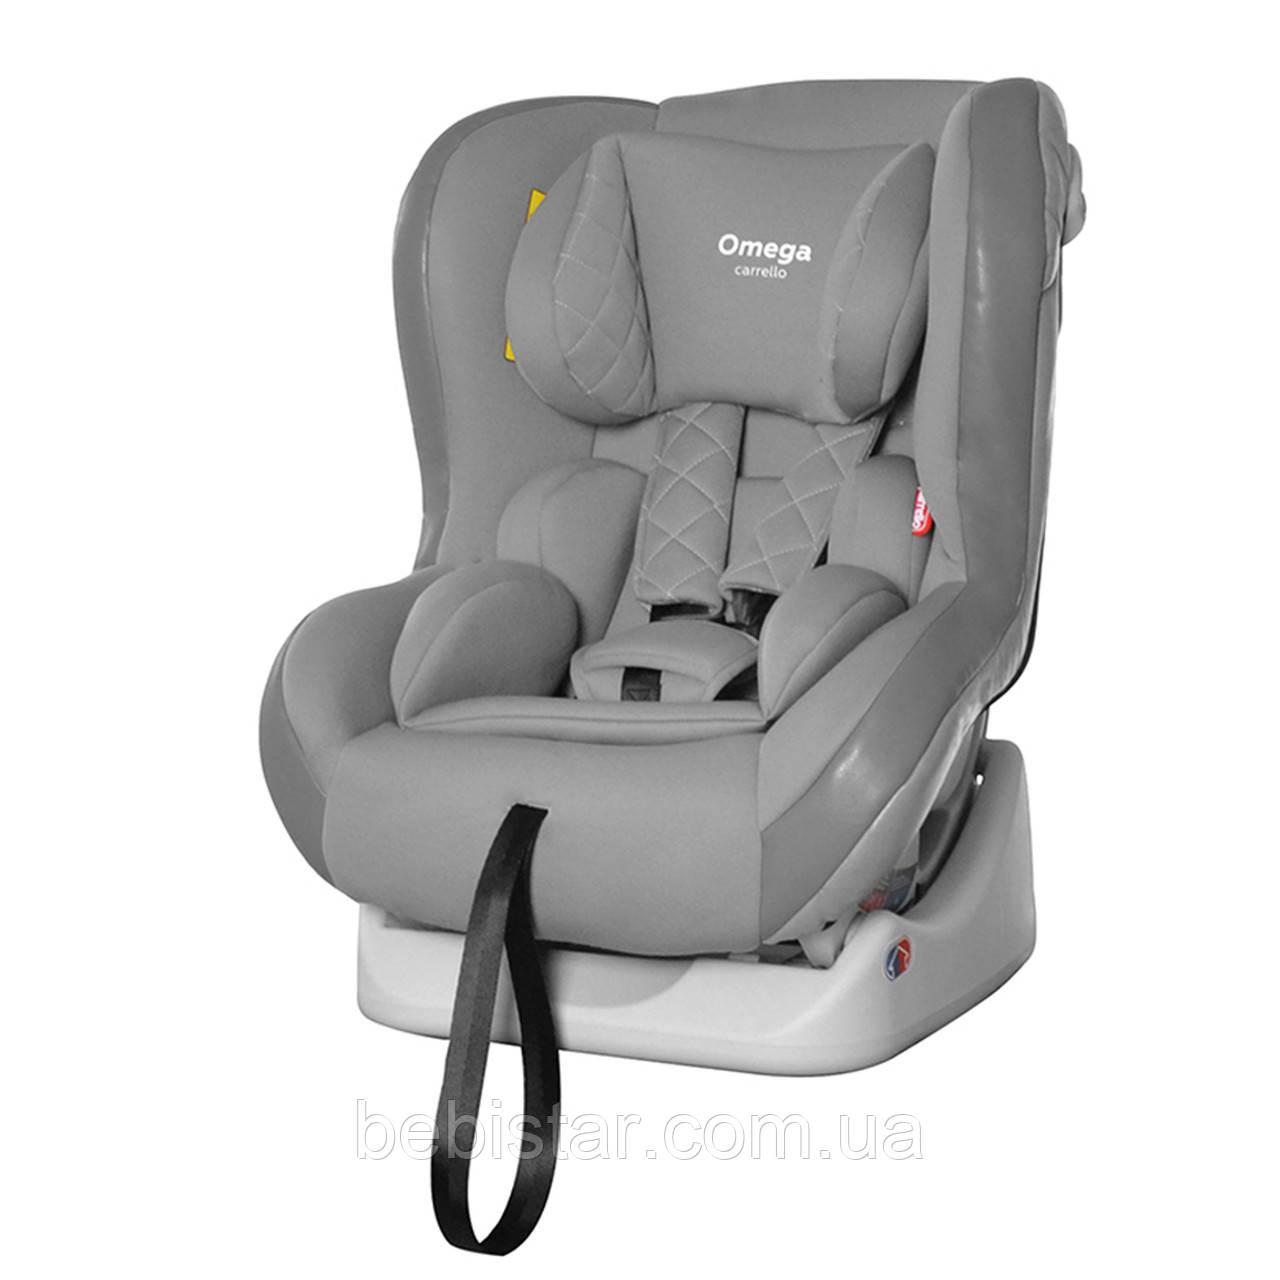 Автокресло детское с рождения до 4 лет (0-18кг) серое с наклоном для сна Carrello Omega CRL-11806 Grey Wolf